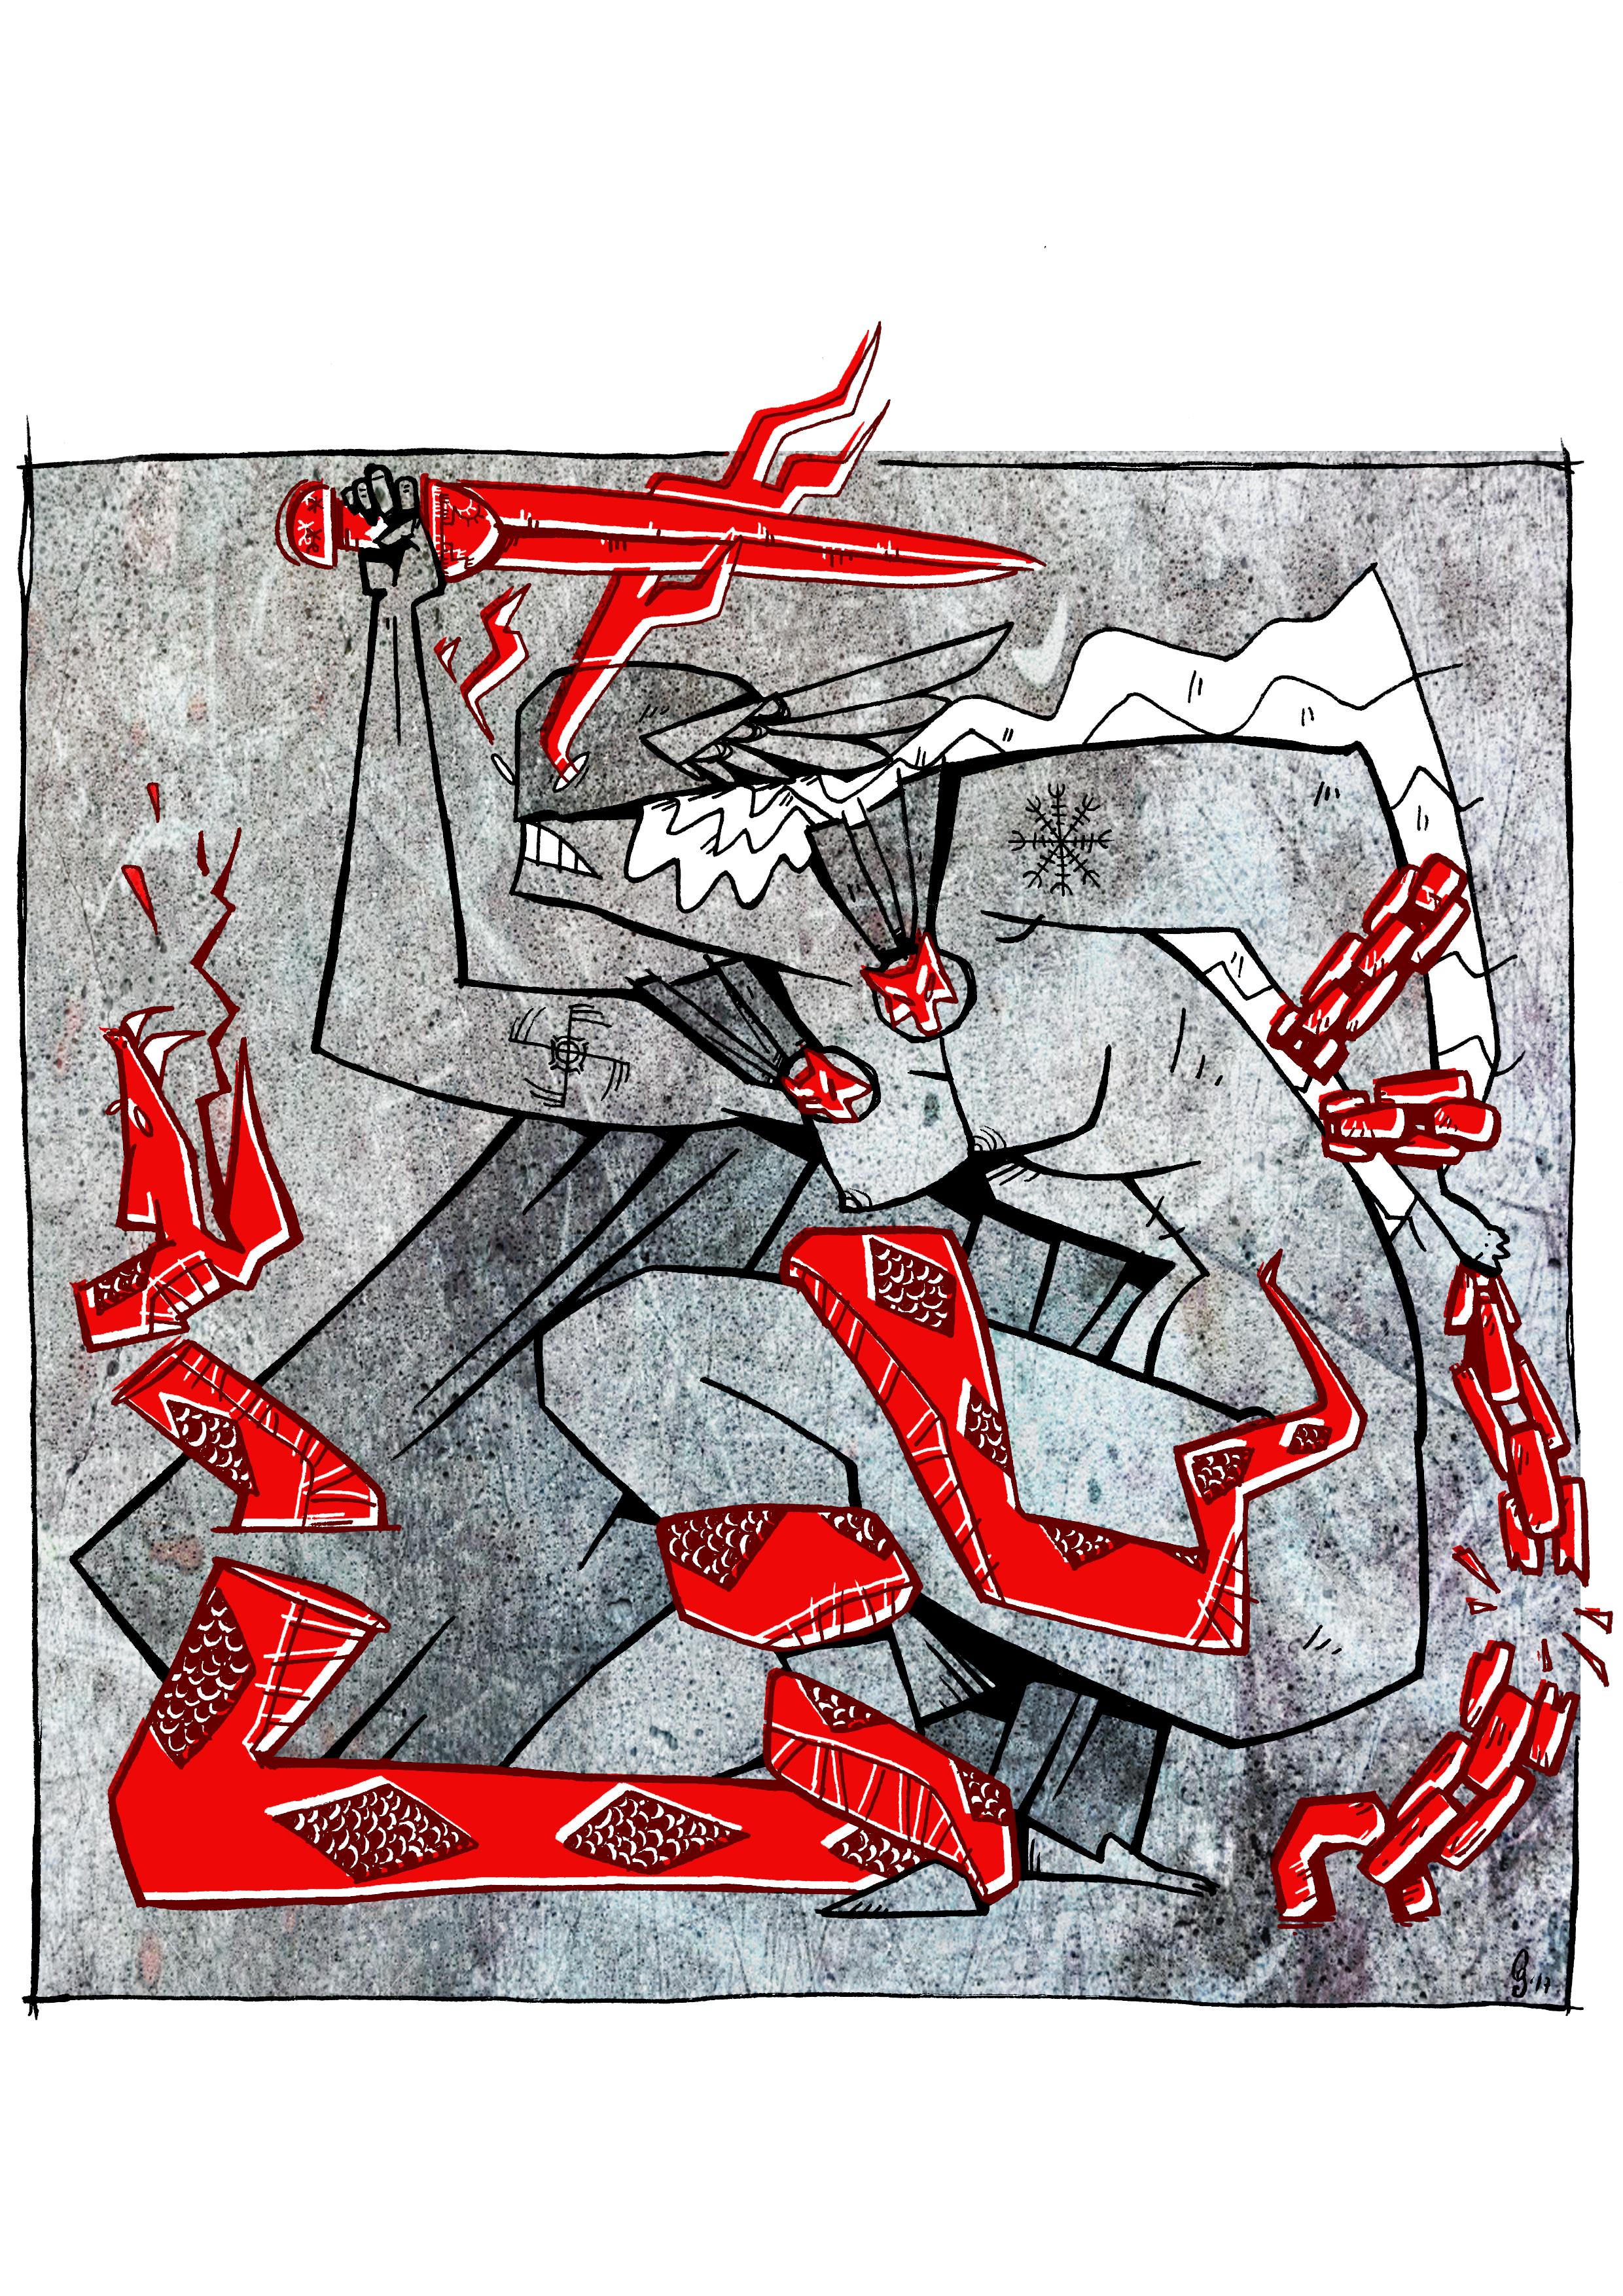 El caldero de OLAGAR - Página 2 Valkiriaeddacolor-2